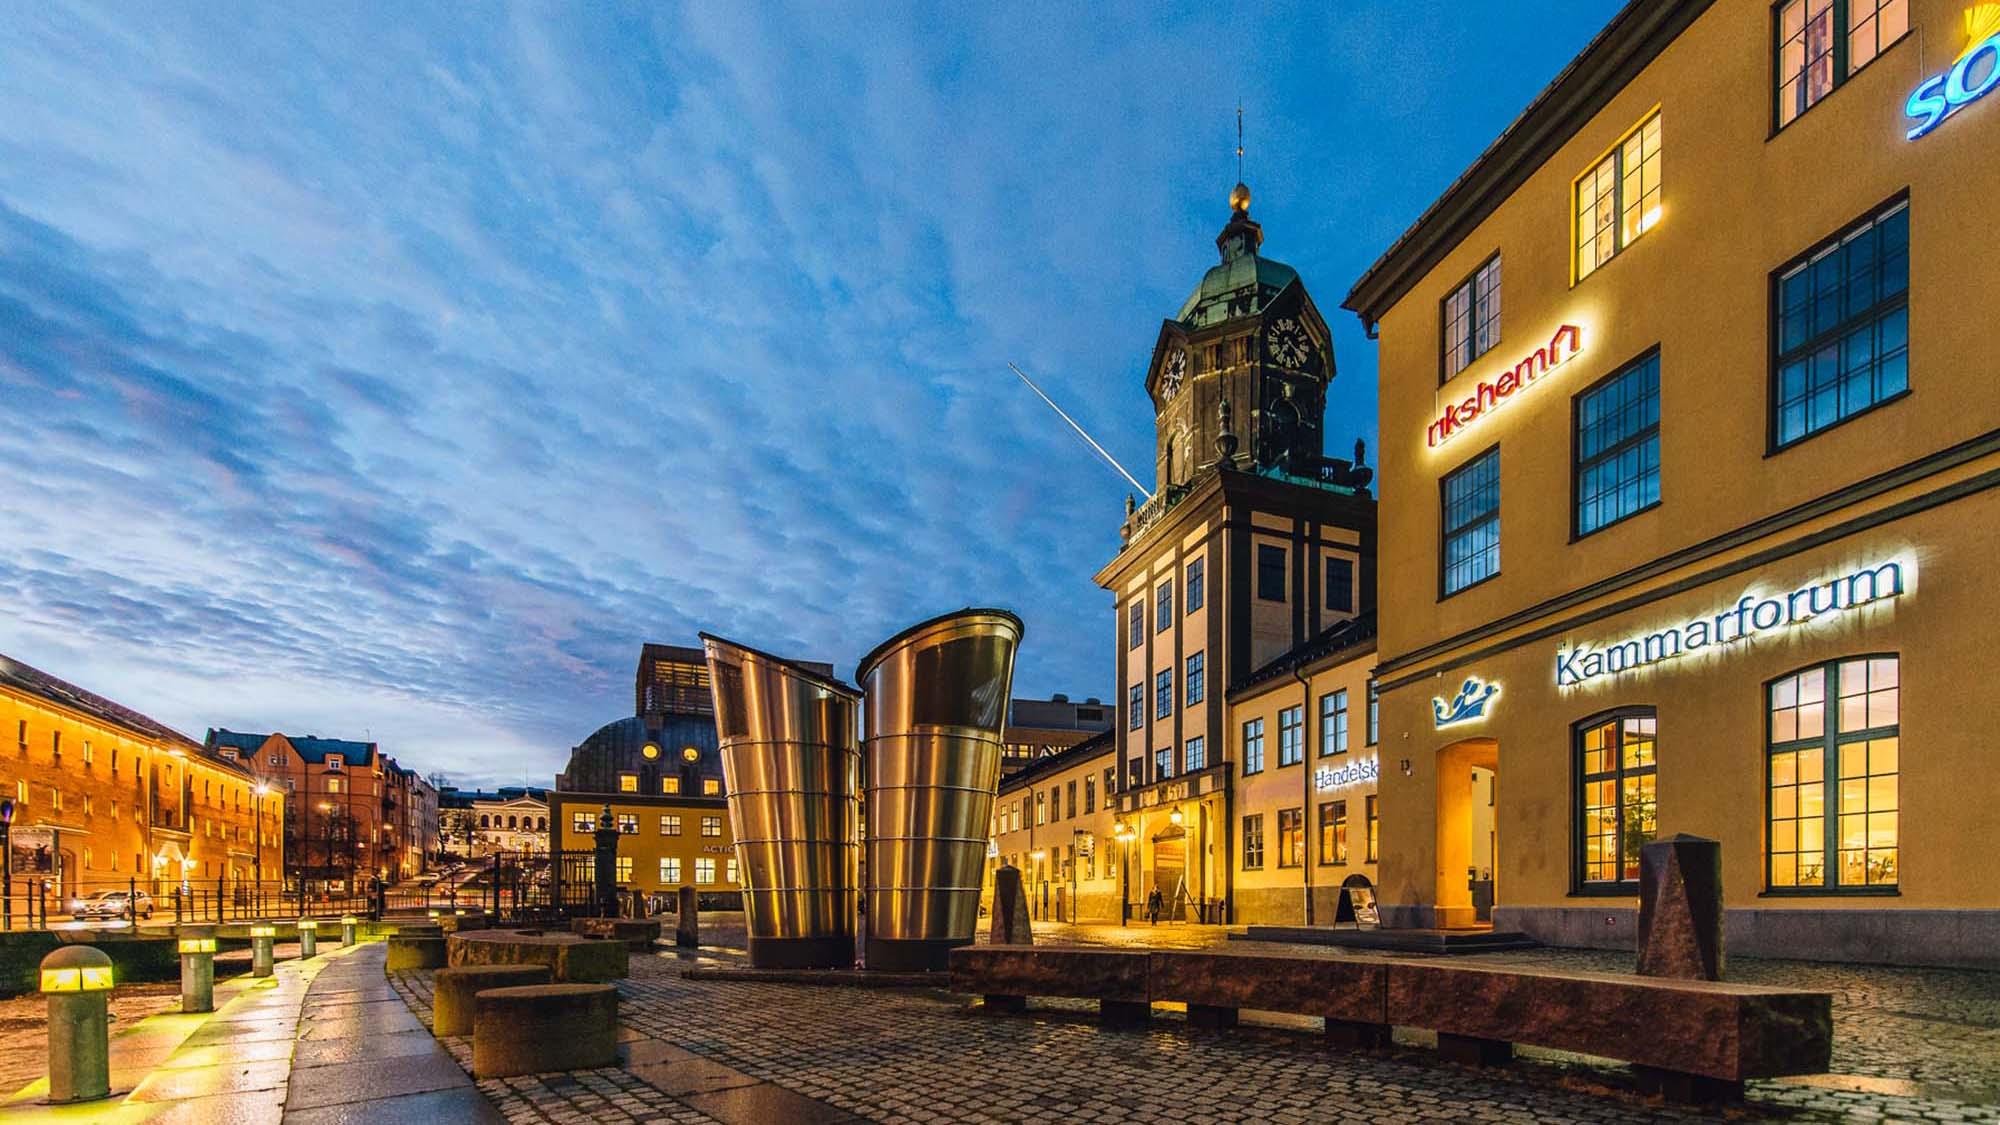 Östsvenska Handelskammarens fasad